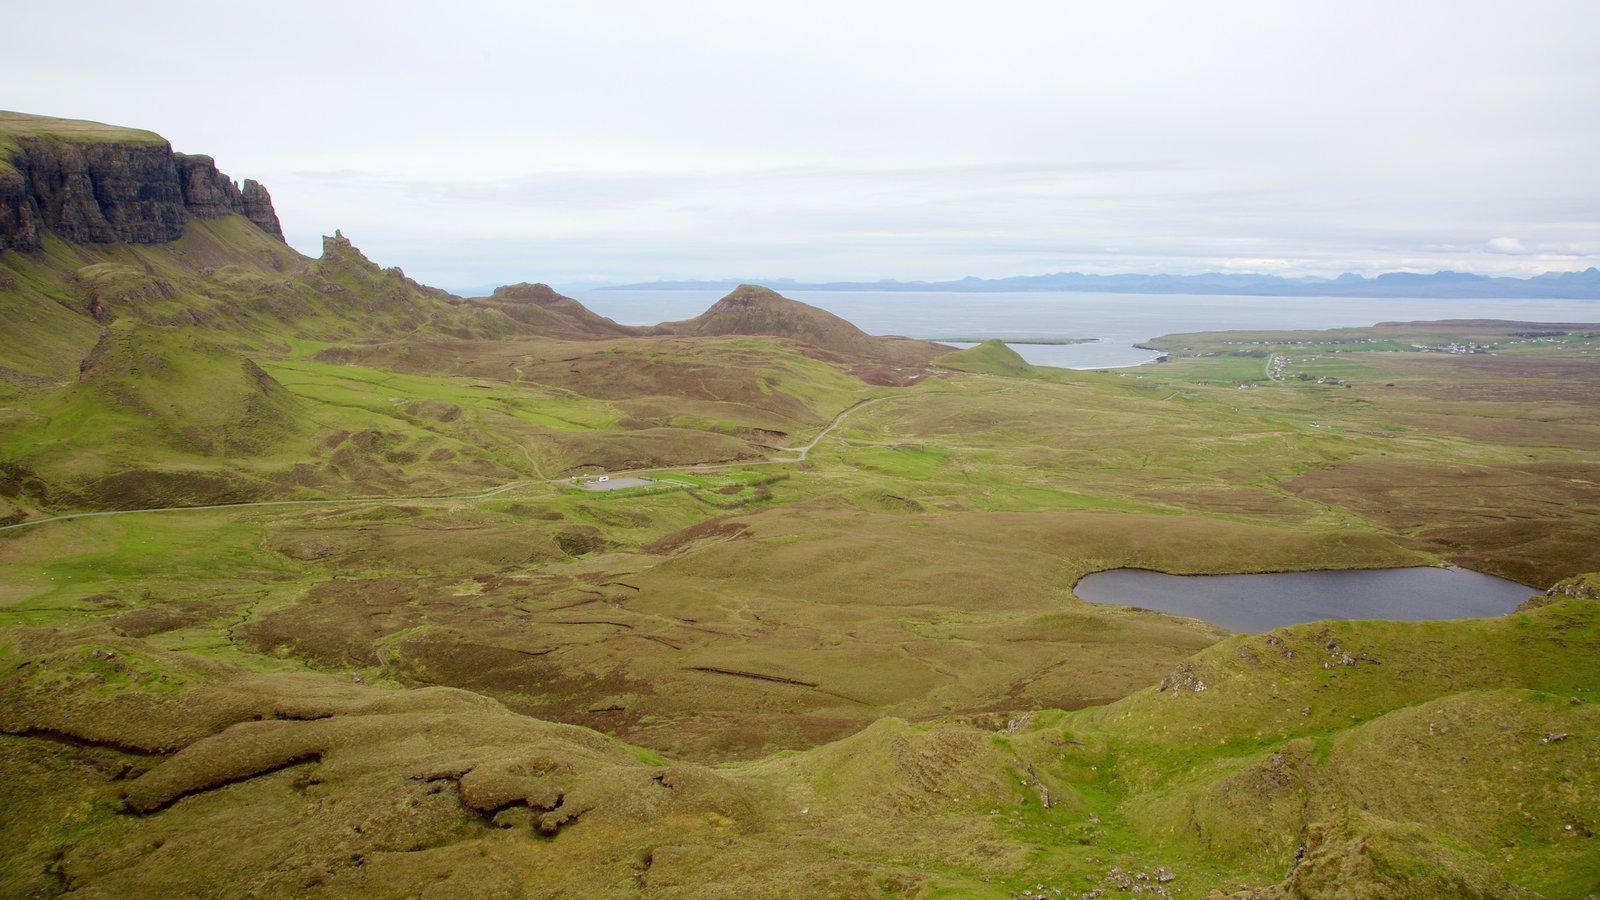 Quiraing ofreciendo vistas generales de la costa, un estanque y montañas